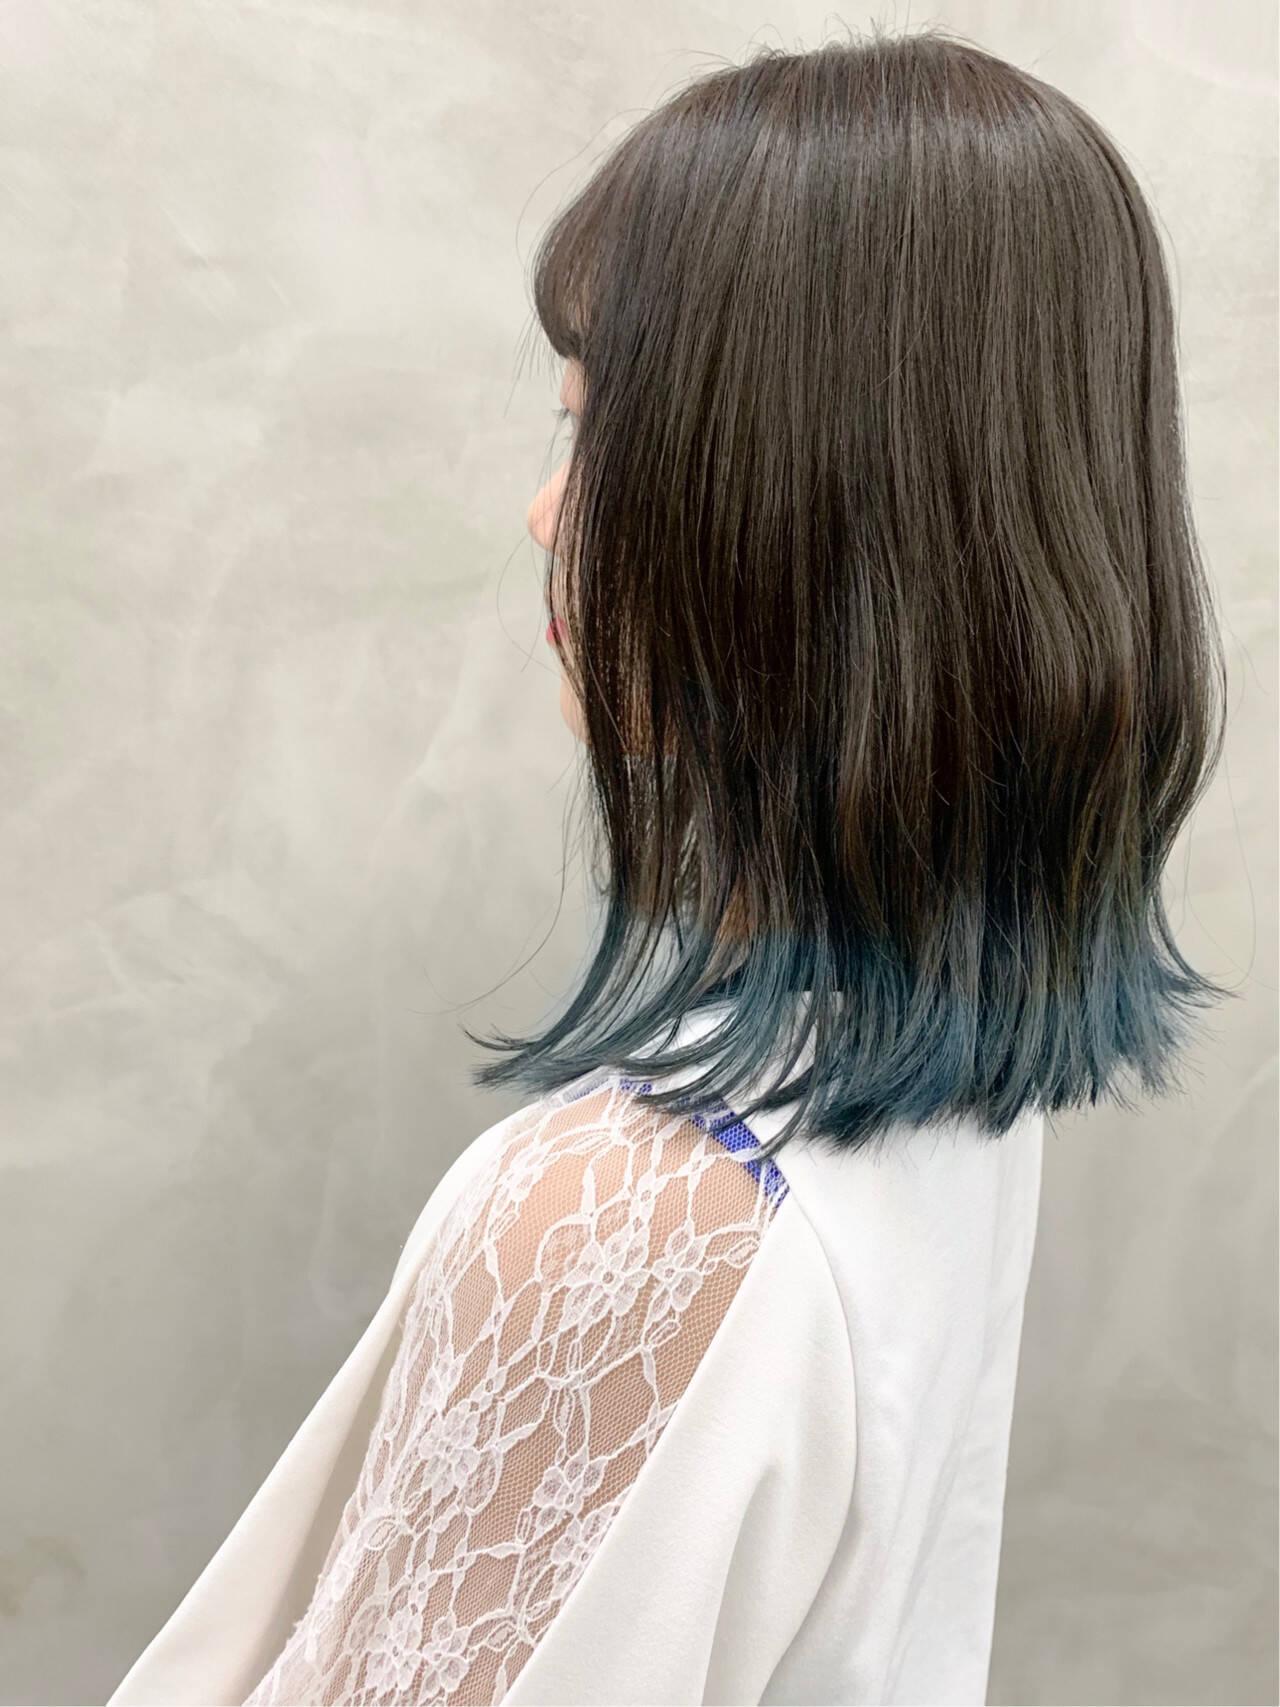 グレージュ 裾カラー ミディアム ブリーチヘアスタイルや髪型の写真・画像